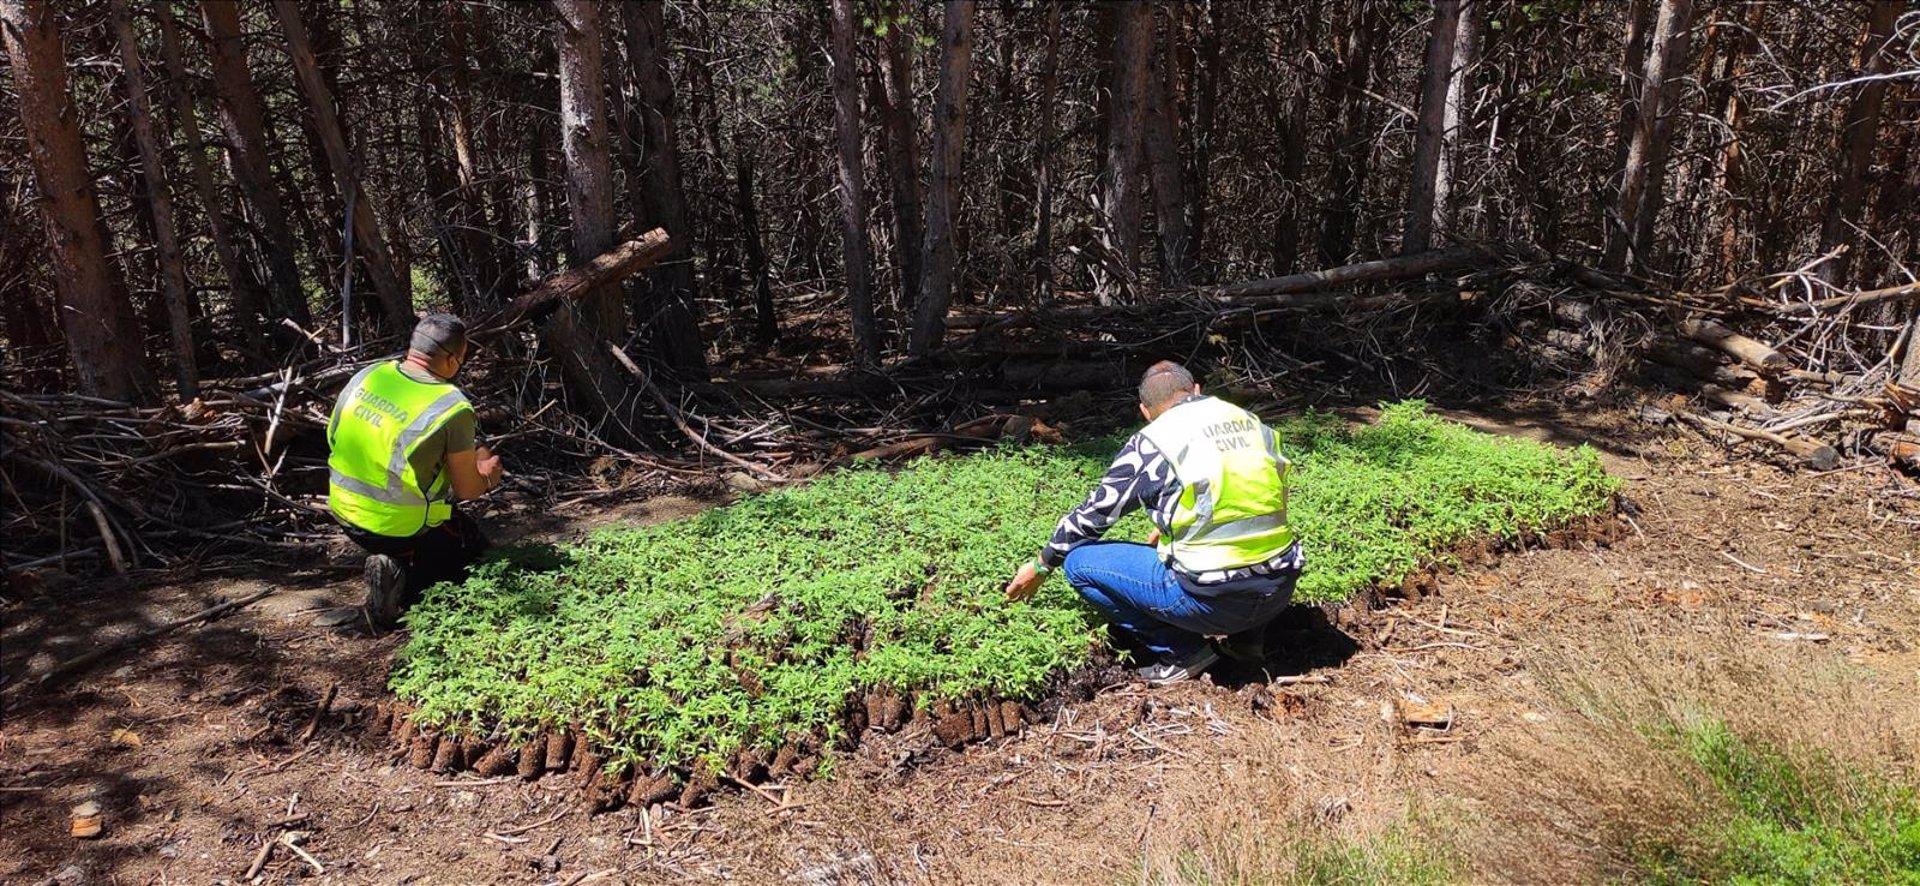 La Guardia Civil descubre 6.575 plantas de marihuana en la Sierra de Pórtugos